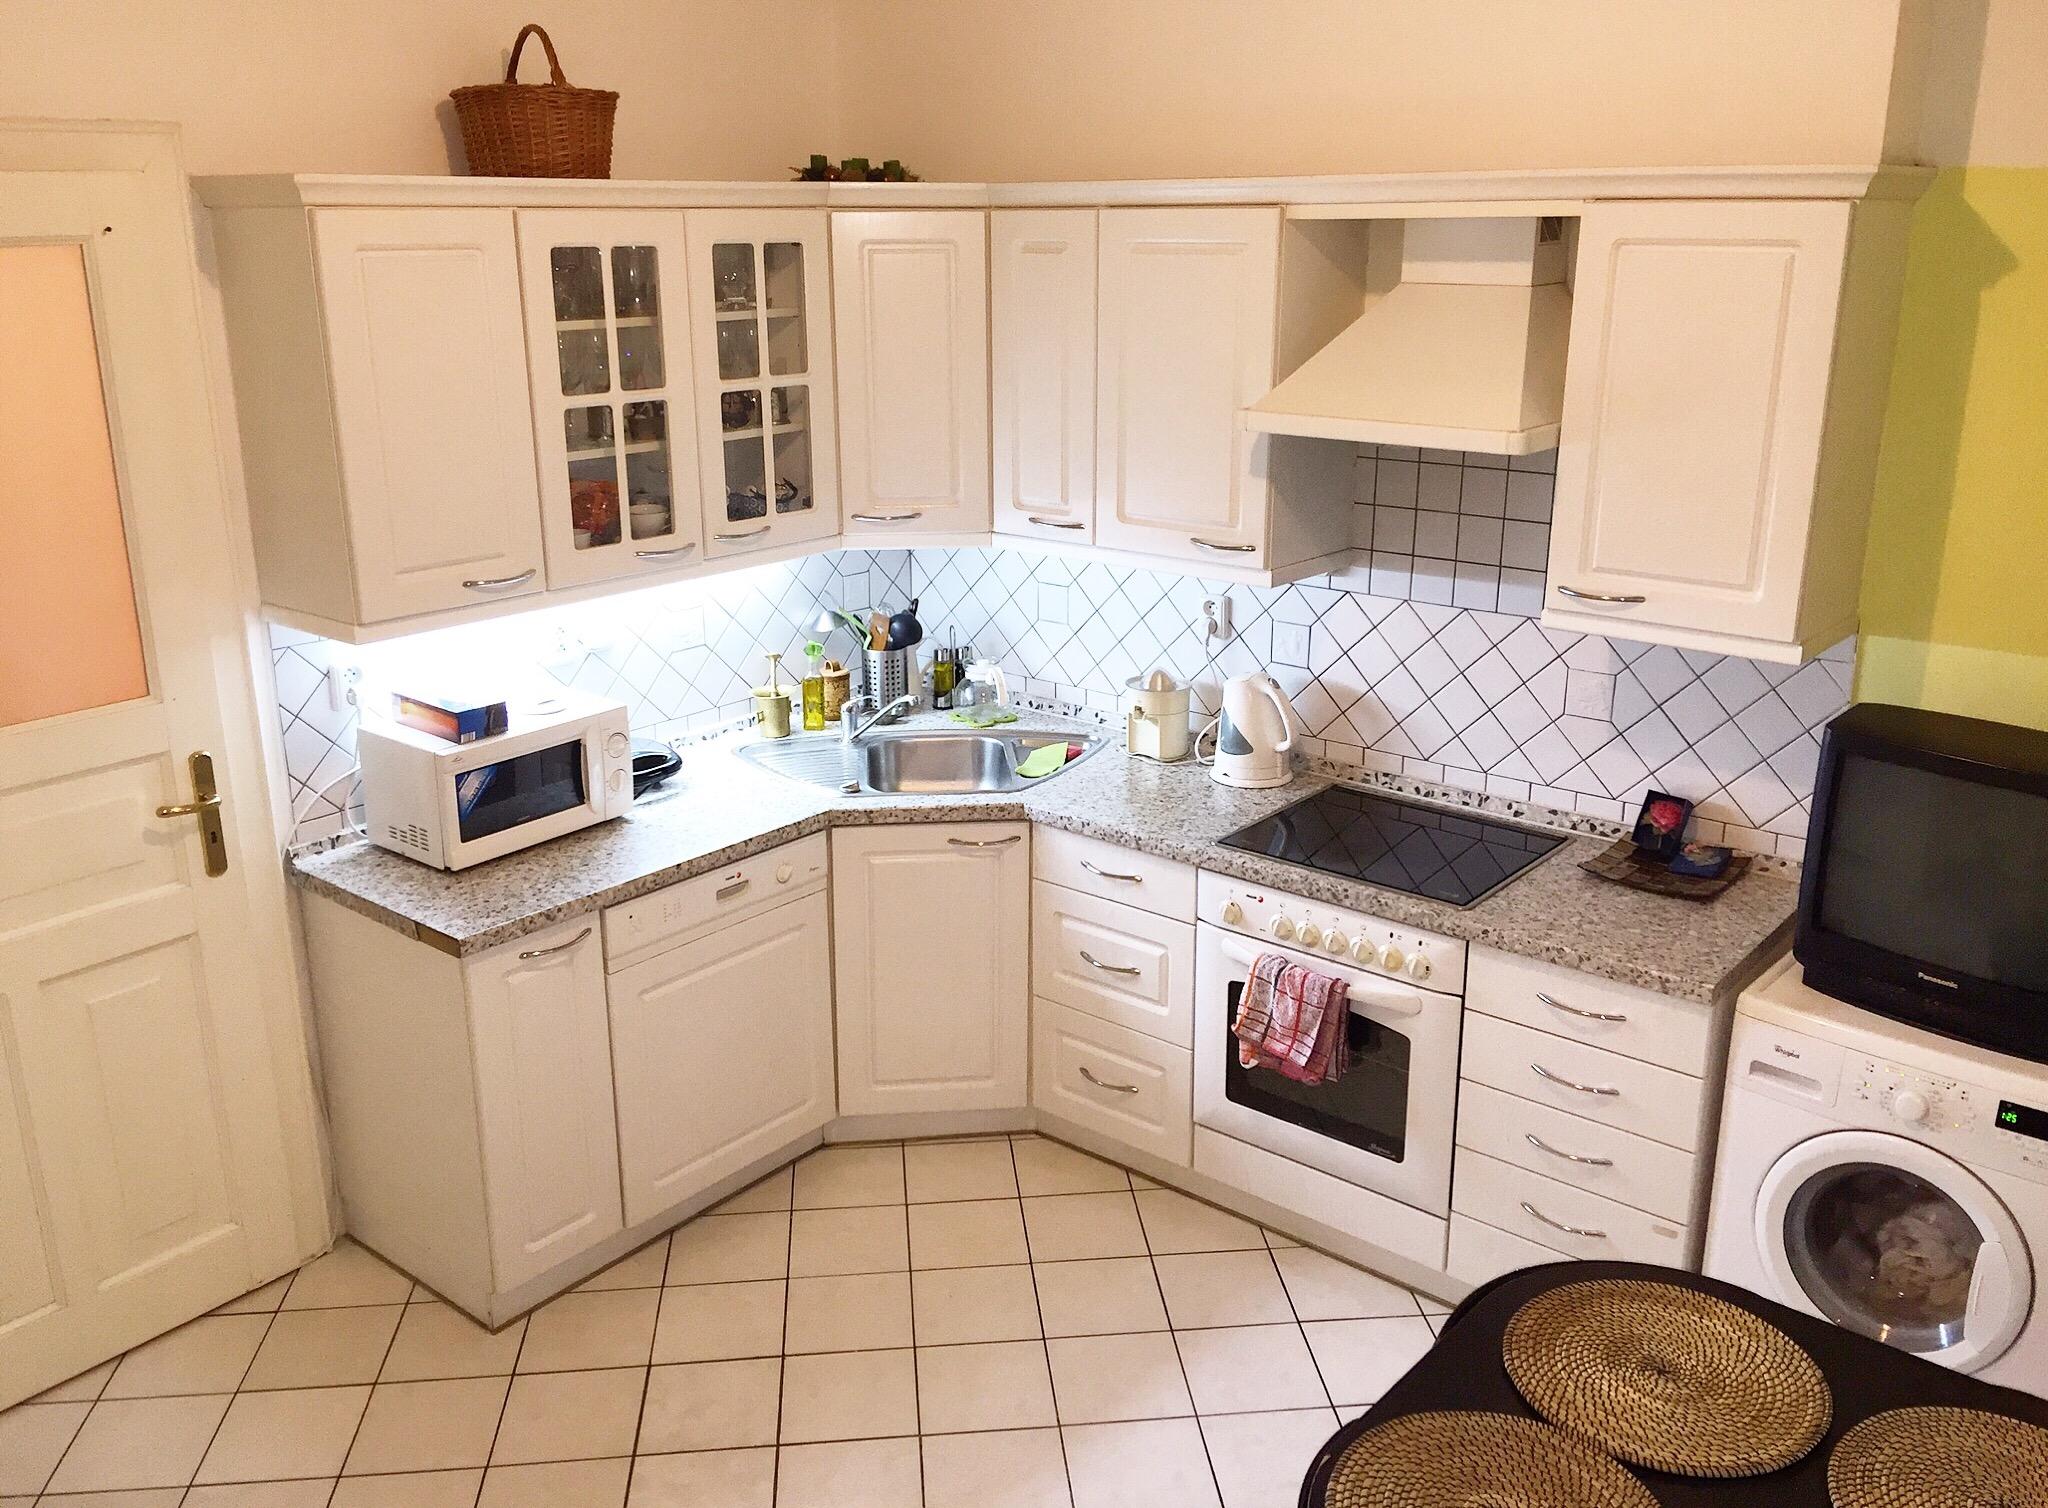 Prodej, PĚKNÝ Zrekonstruovaný Byt 3 kk, nebo možnost samostatně byty 1 kk + 2 kk, 2 koupelny, 2 kuchyně, Lužická, Praha Vinohrady